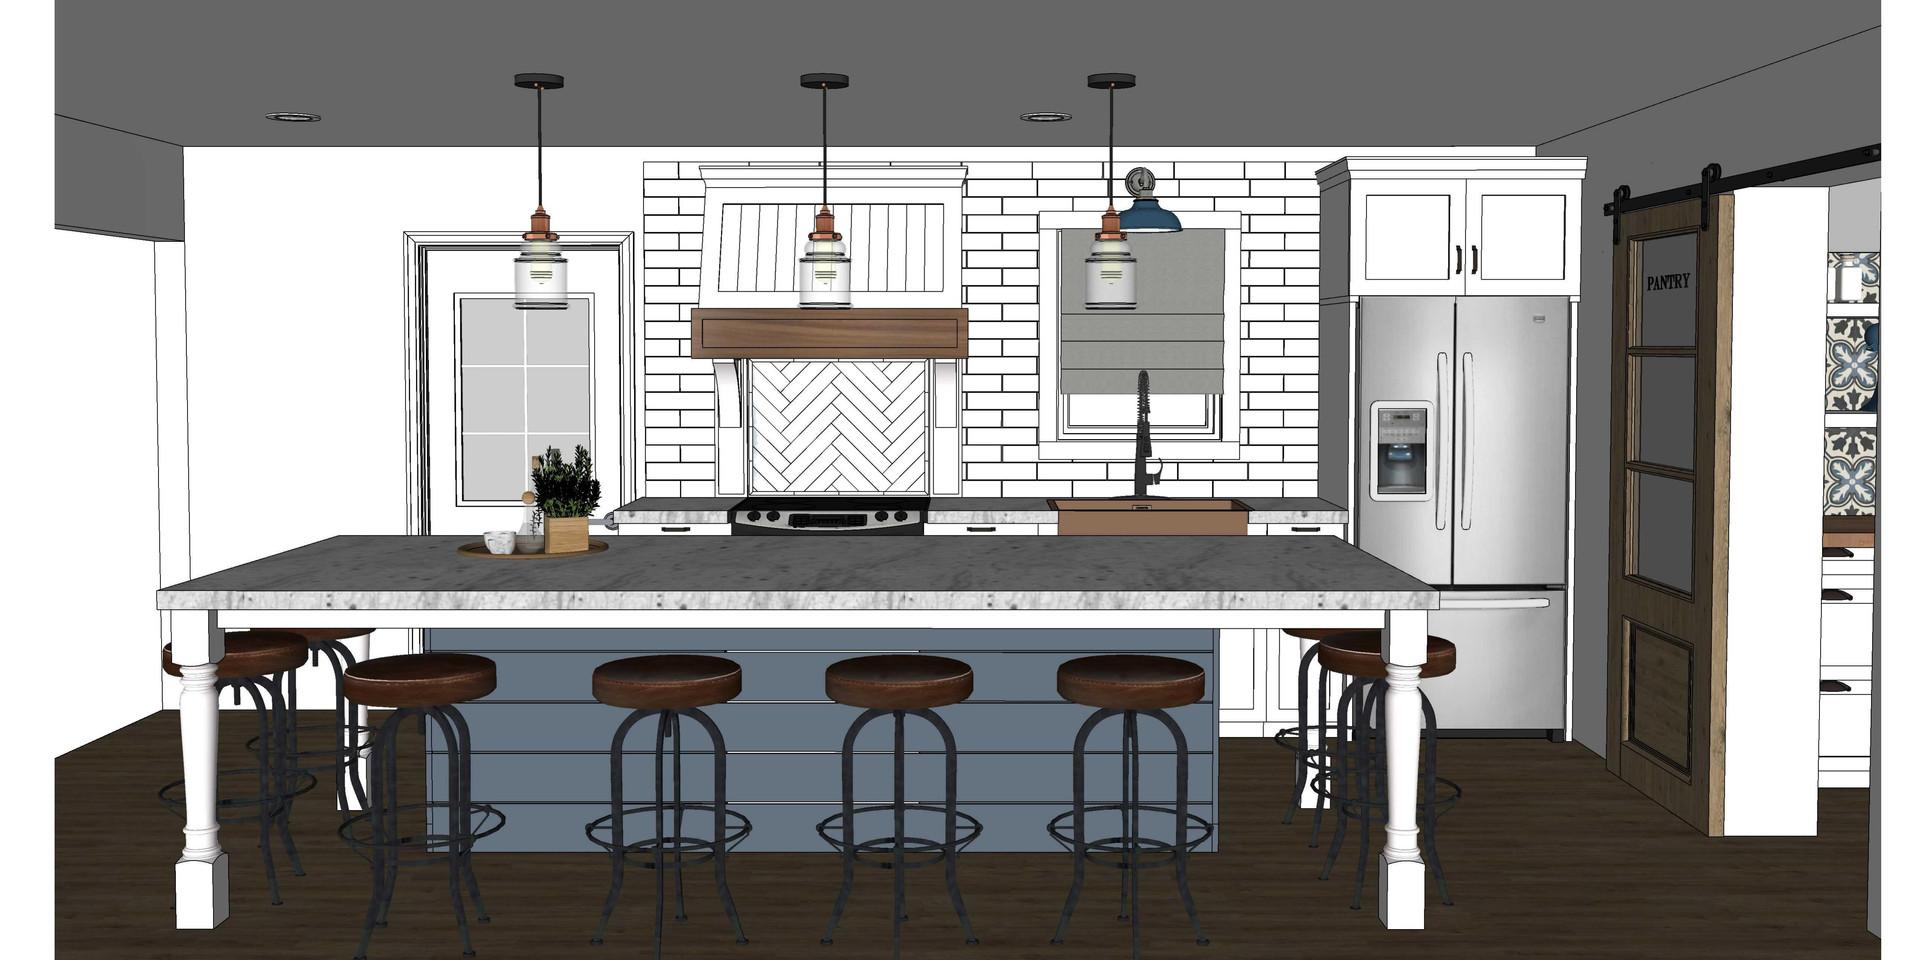 Nutter-Libby Kitchen Plans-3.jpg